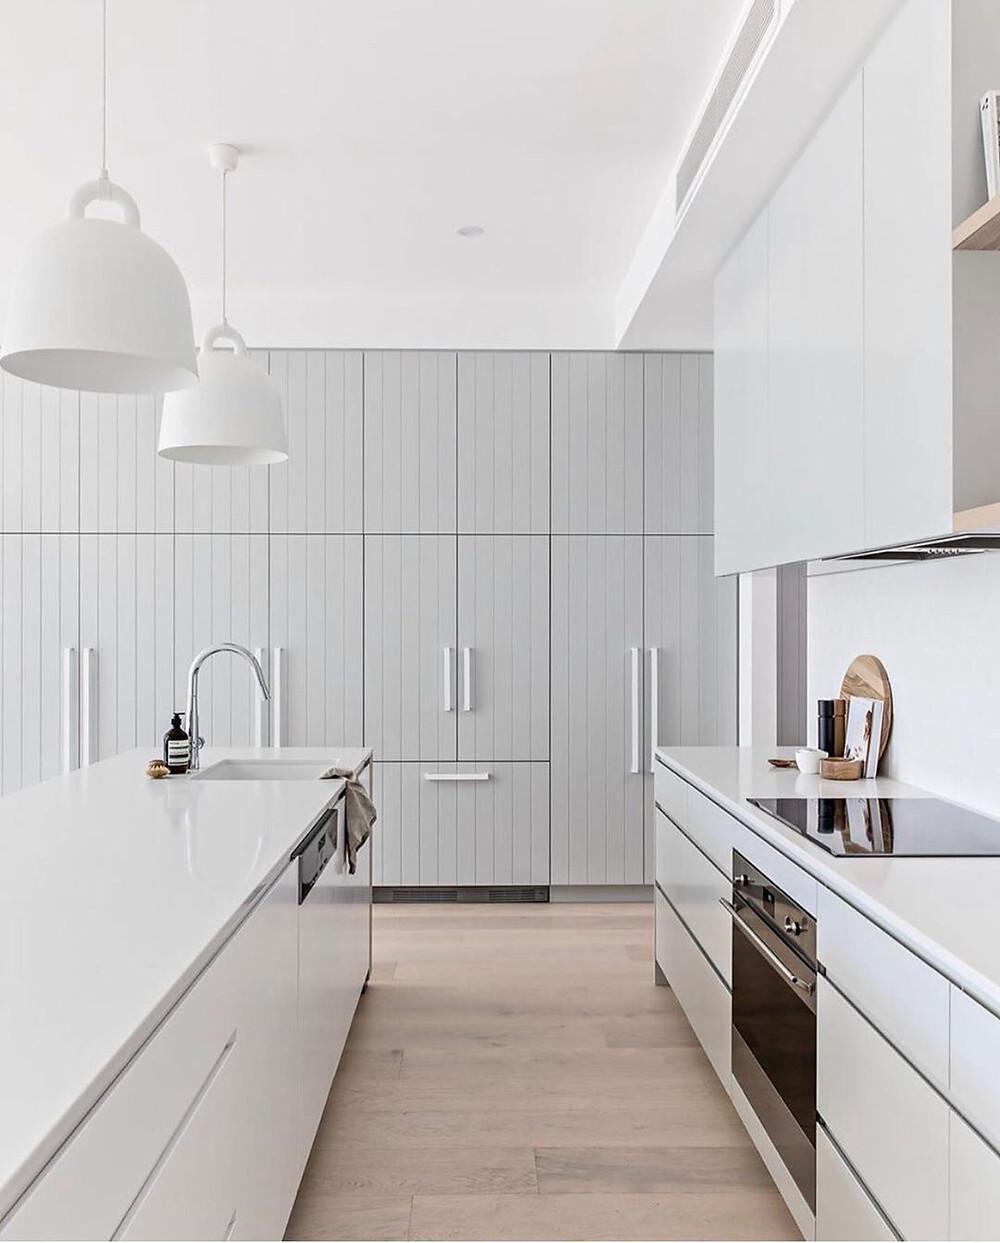 20 White Kitchen Design Ideas white cabinets in kitchen